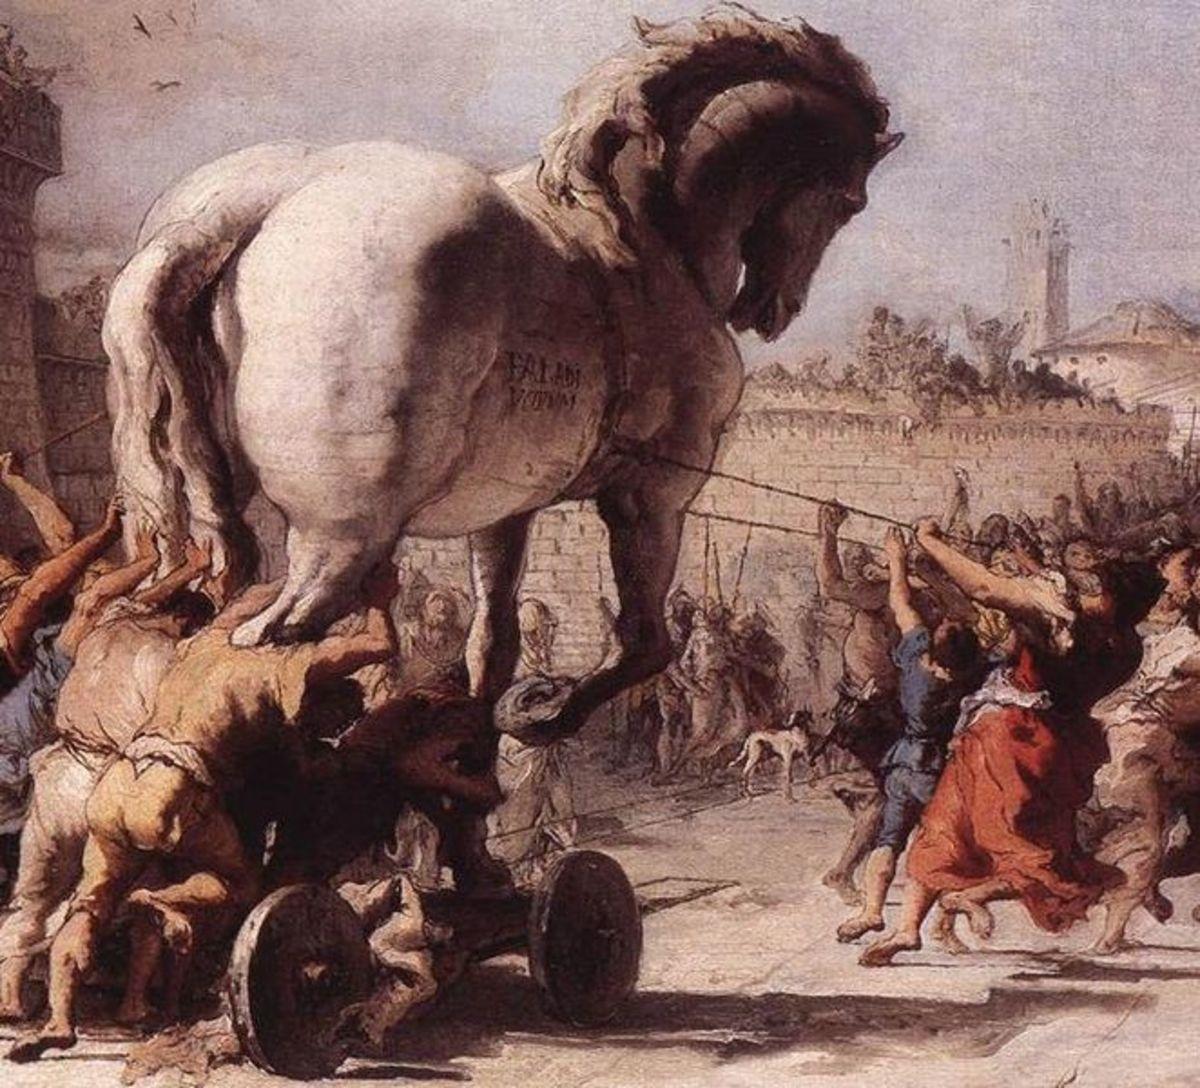 The Procession of the Trojan Horse in Troy - Giovanni Domenico Tiepolo (1727–1804) - PD-art-100